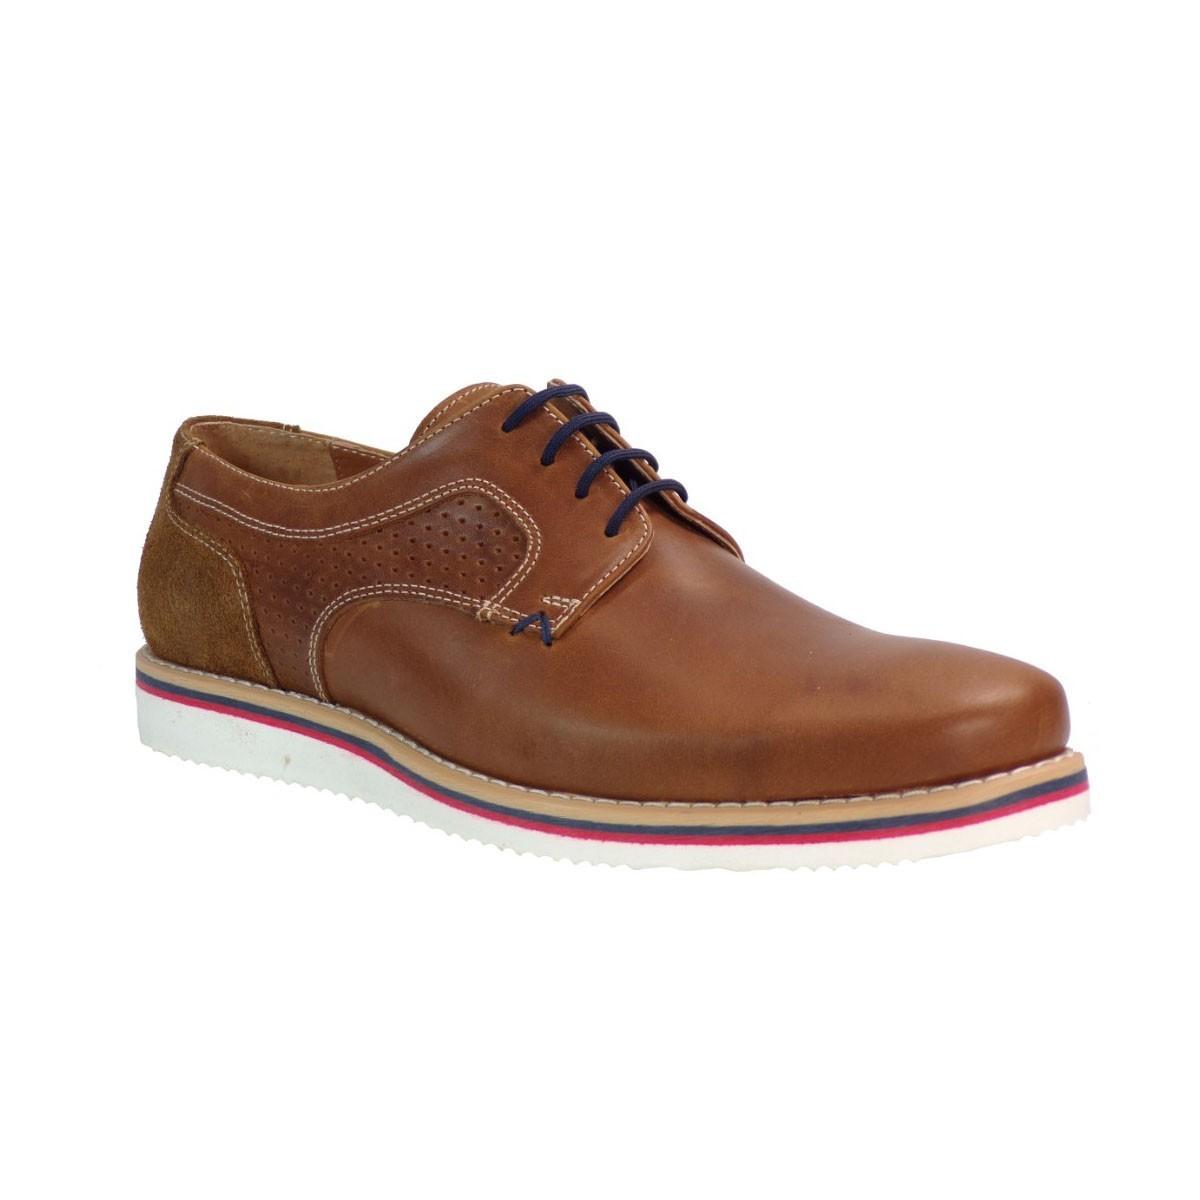 Commanchero Ανδρικά Παπούτσια 91613-126 Ταμπά Commanchero 91613-126 Ταμπά